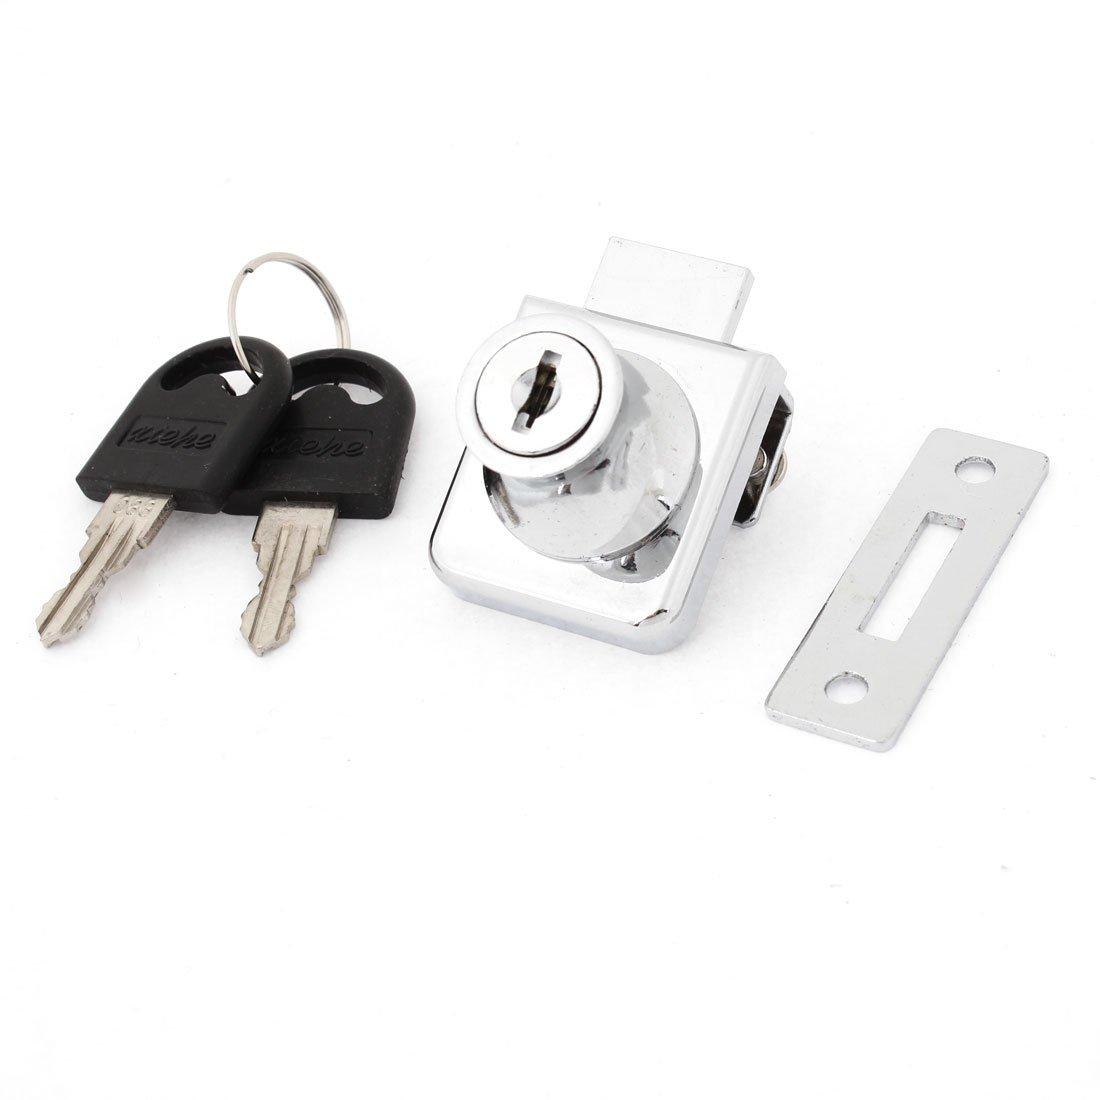 Sourcingmap - Armadio metallico porta a vetri di sicurezza domestica 1, 02 centimetri tono placcato argento a13051700ux0252